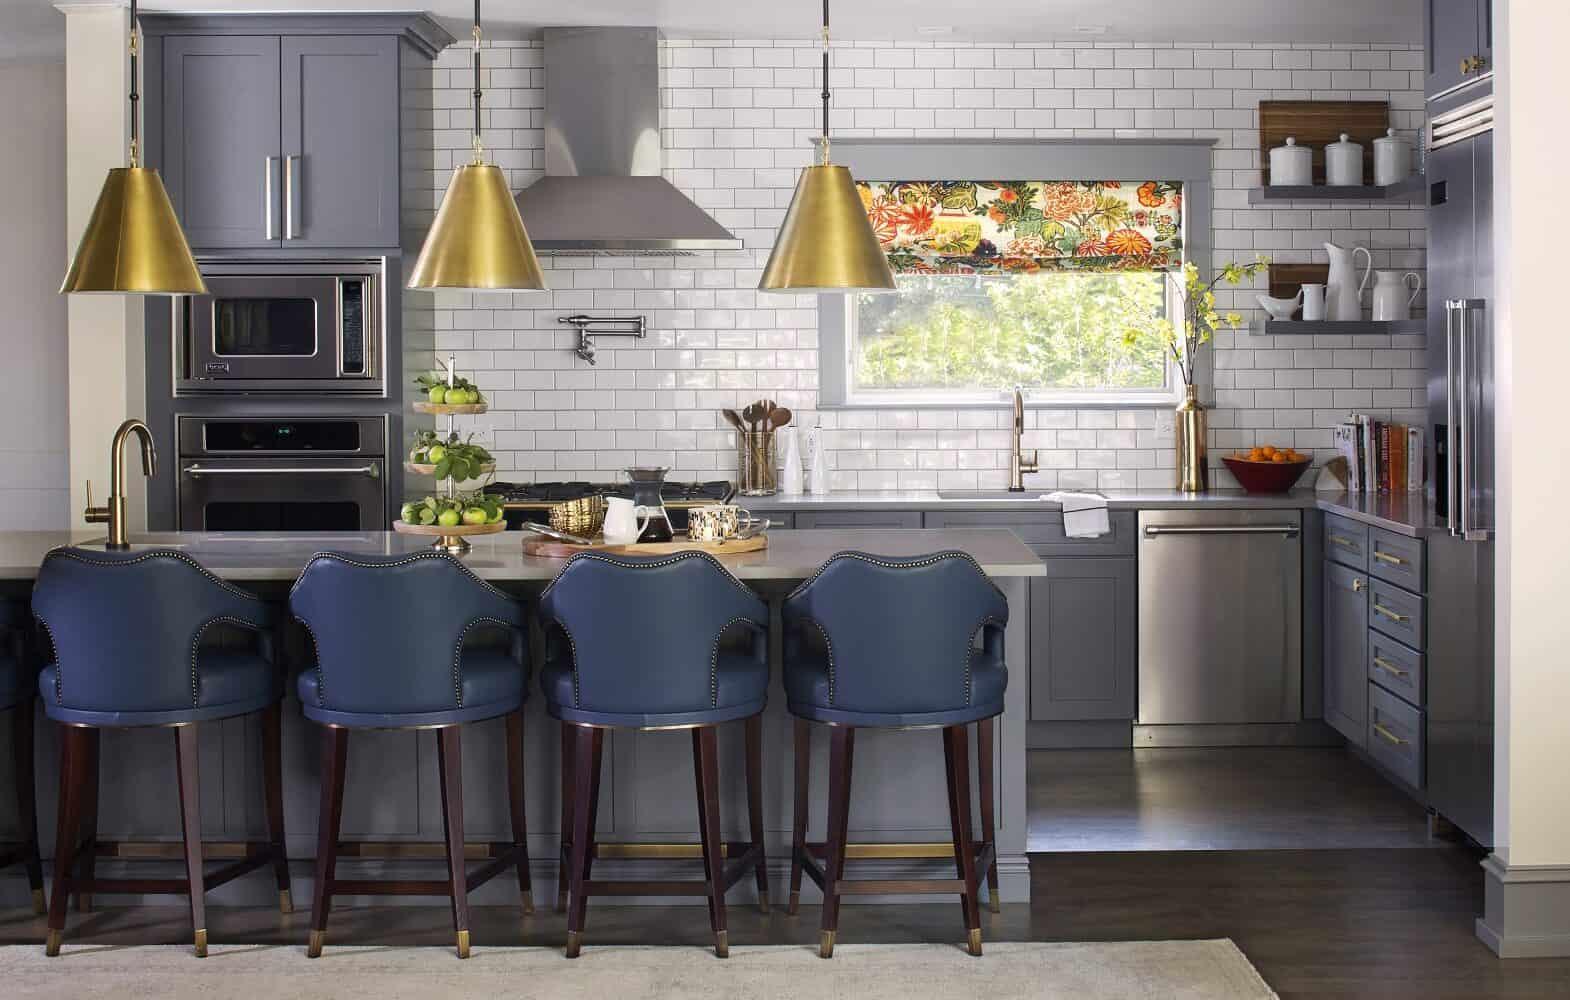 Fairfax - Cherry Hills Village Duet Design Group Colorado v2